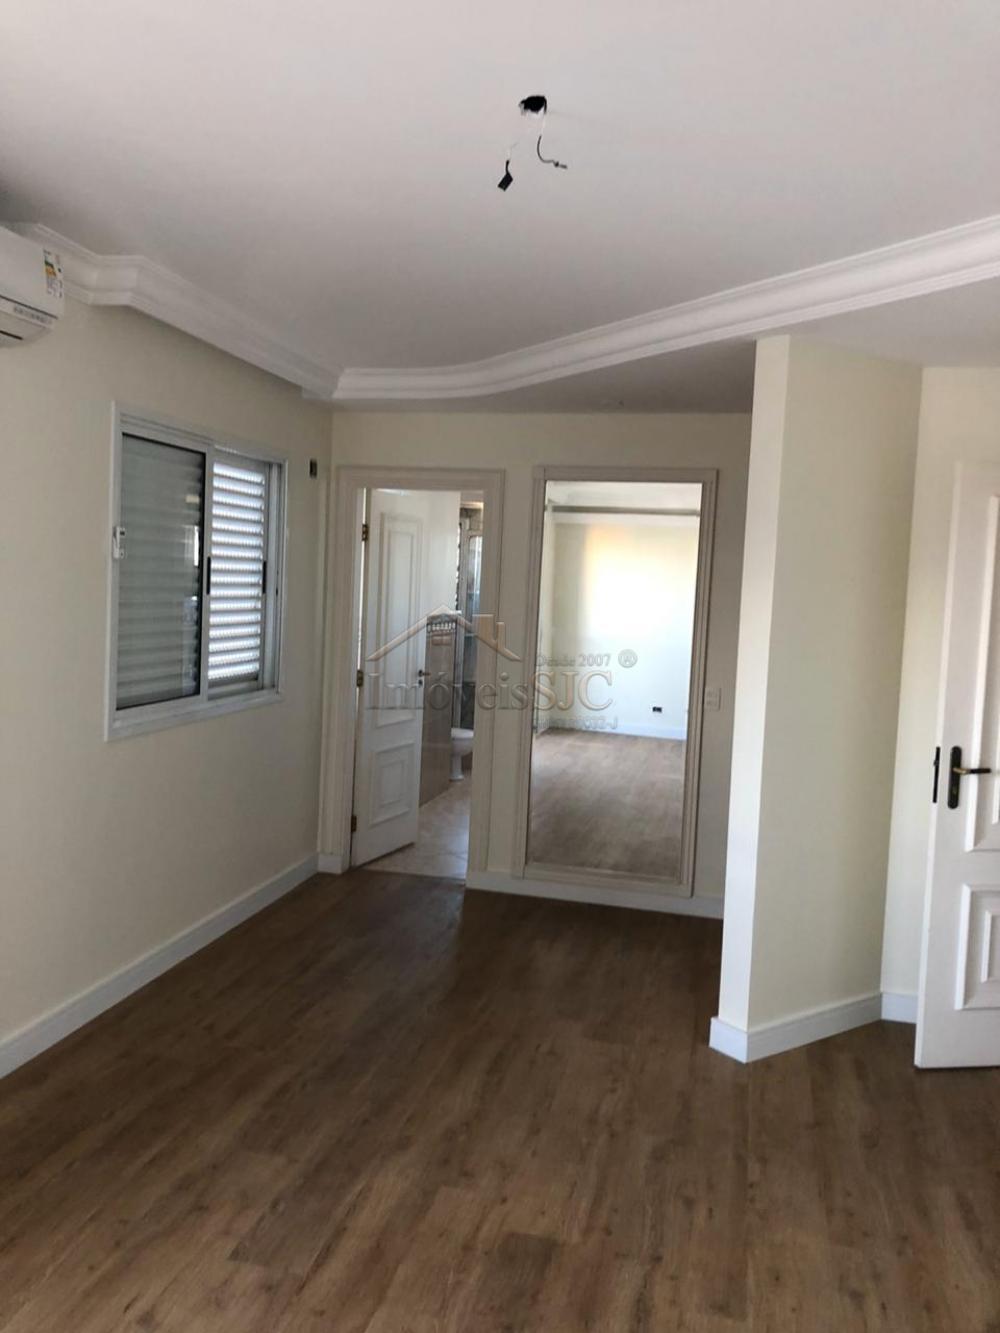 Alugar Apartamentos / Cobertura em São José dos Campos apenas R$ 3.300,00 - Foto 2